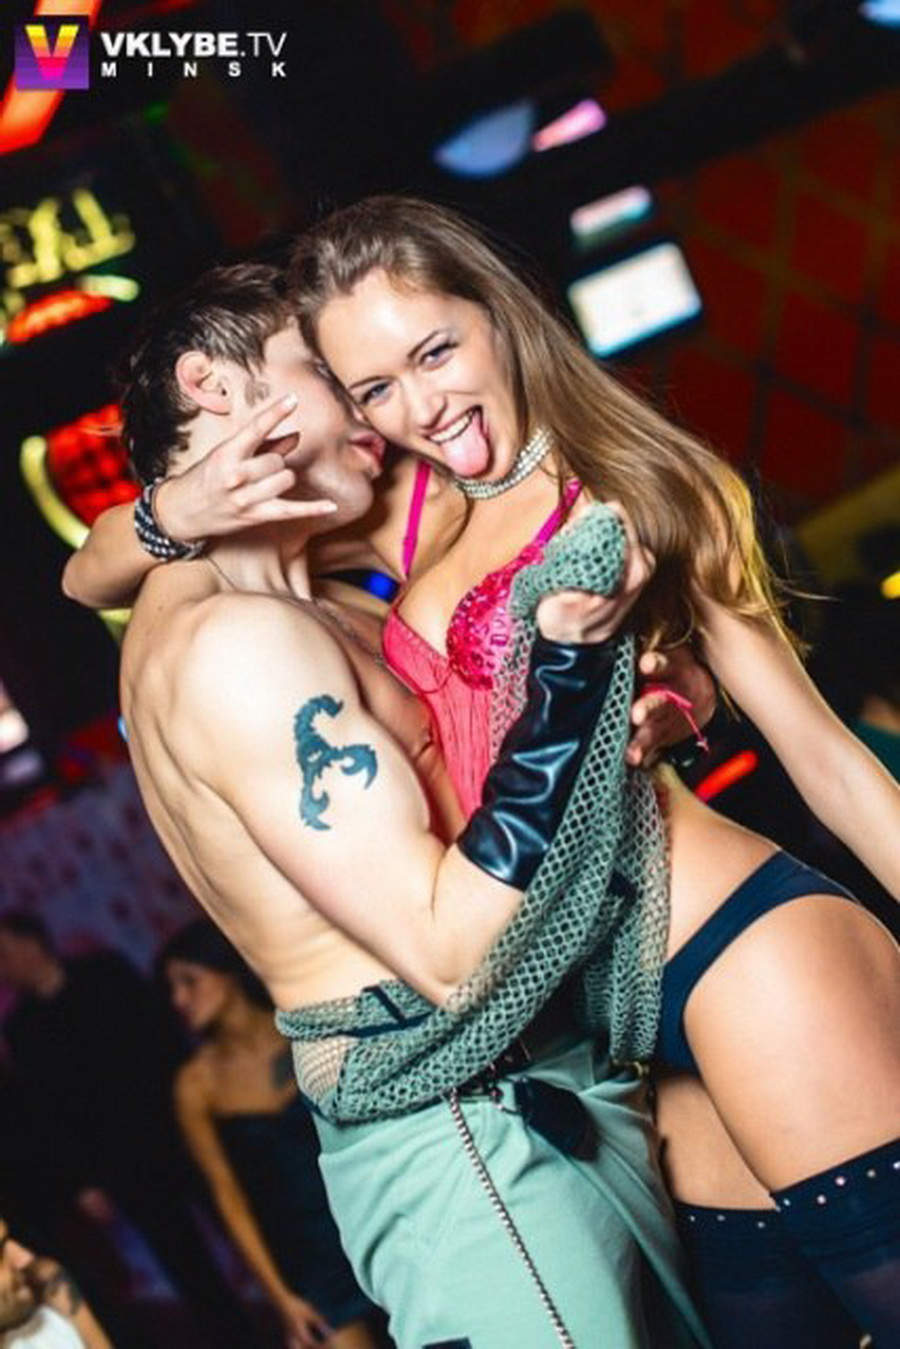 Вторая вице-мисс Наталья Башура танцует go-go в клубе